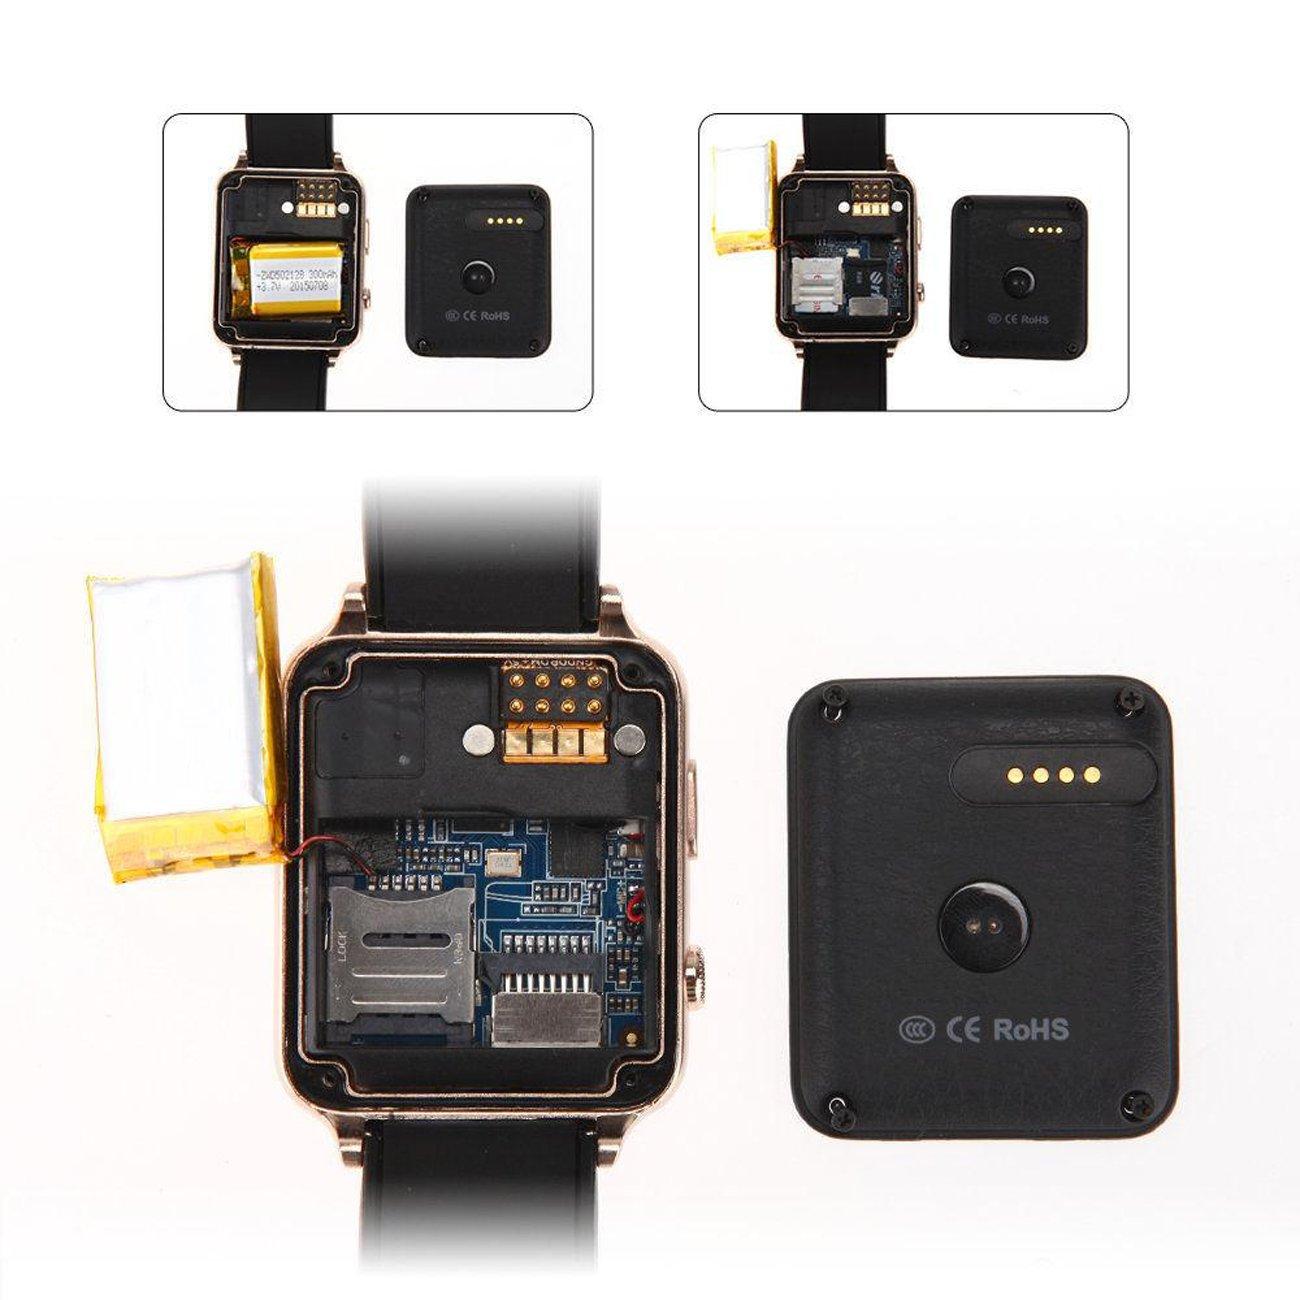 Smart Watch, MindKoo GT88 Reloj Inteligente Bluetooth Impermeable Deportivo de Pulsera Táctil con Monitor de Frecuencia Cardíaca/Sueño Podómero Apoya ...